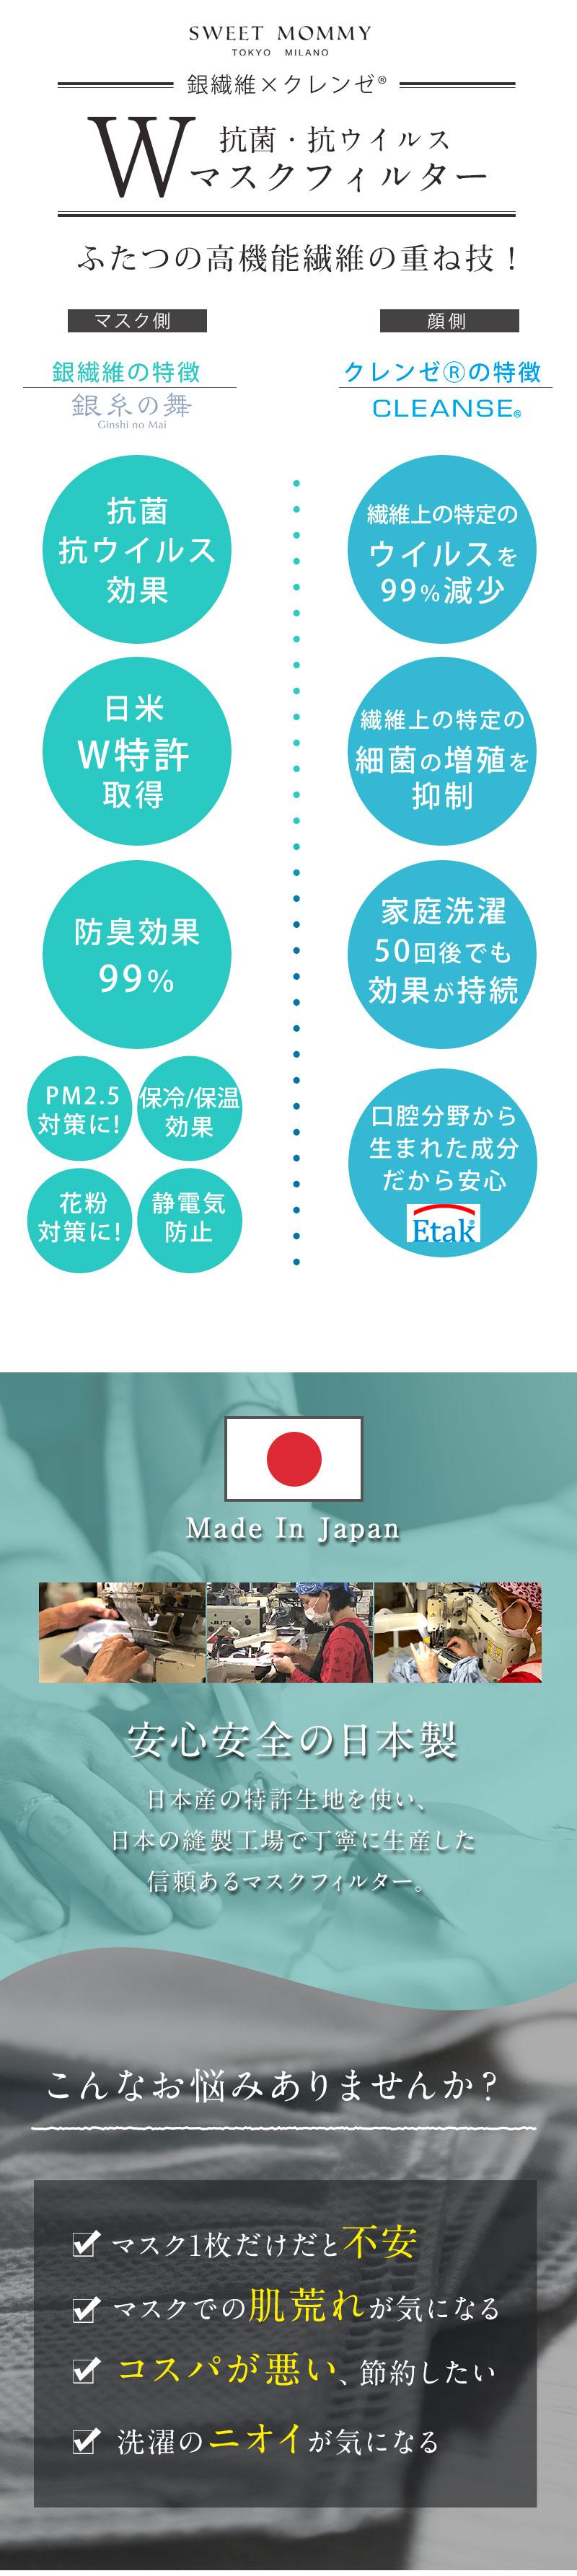 日本製 洗える 抗菌・抗ウイルス  抗菌 抗ウイルス